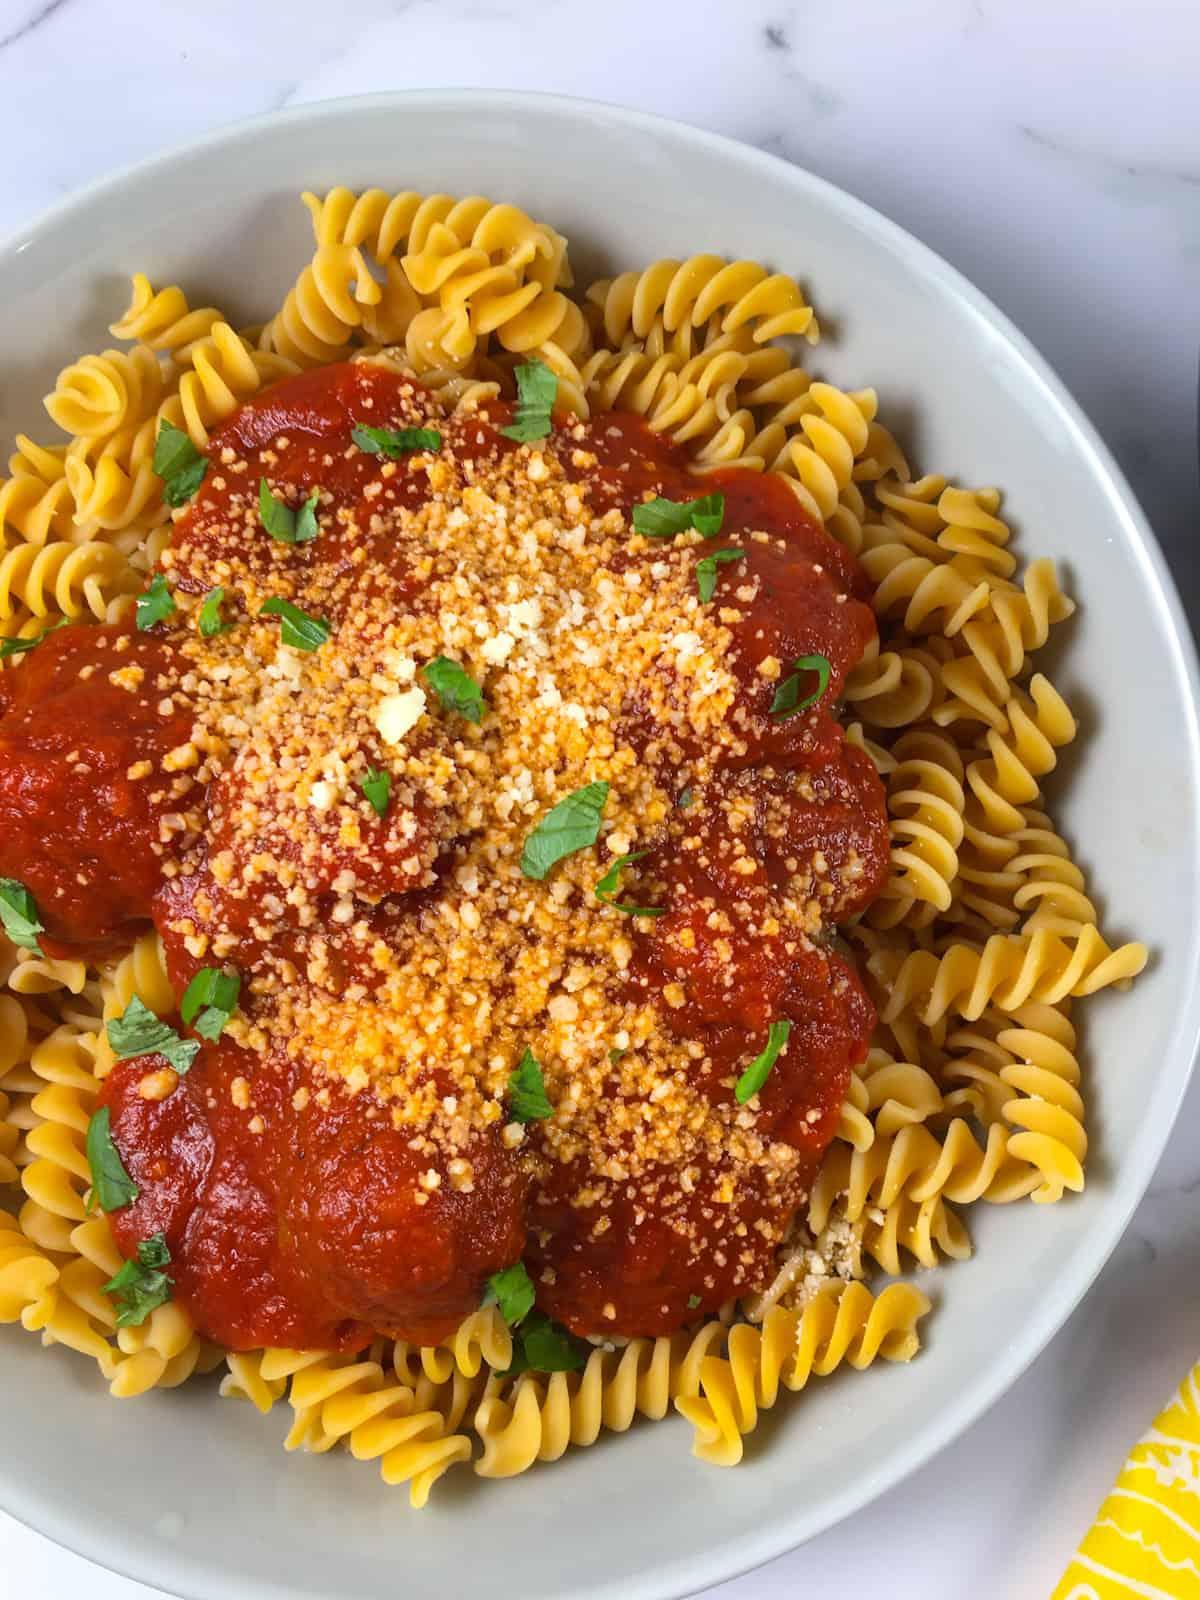 meatballs pasta and spaghetti sauce